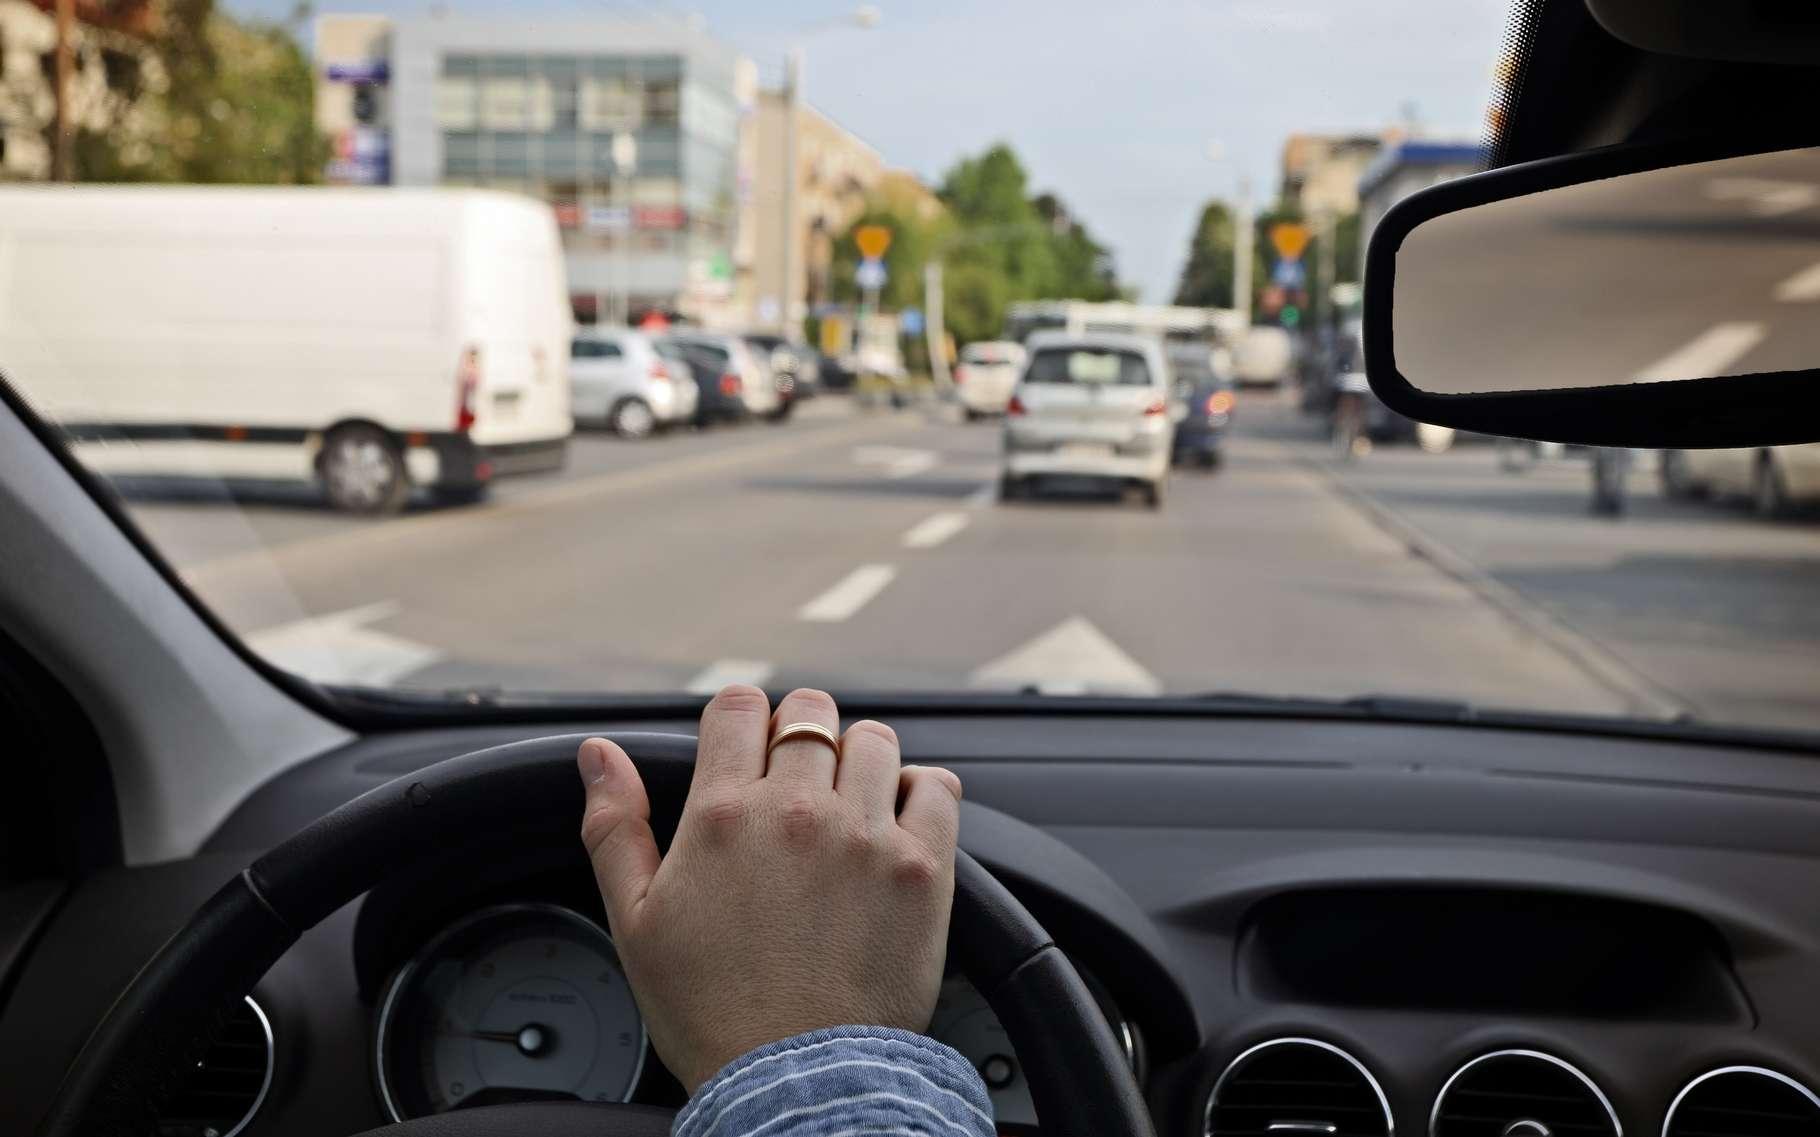 Avez-vous déjà songé à votre manière de freiner, d'accélérer et de manier le volant ? Dans les voitures modernes, ces données sont enregistrées par l'électronique embarquée et il est possible de les exploiter pour reconnaître une personne à coup sûr. © Ambrozinio, Shutterstock